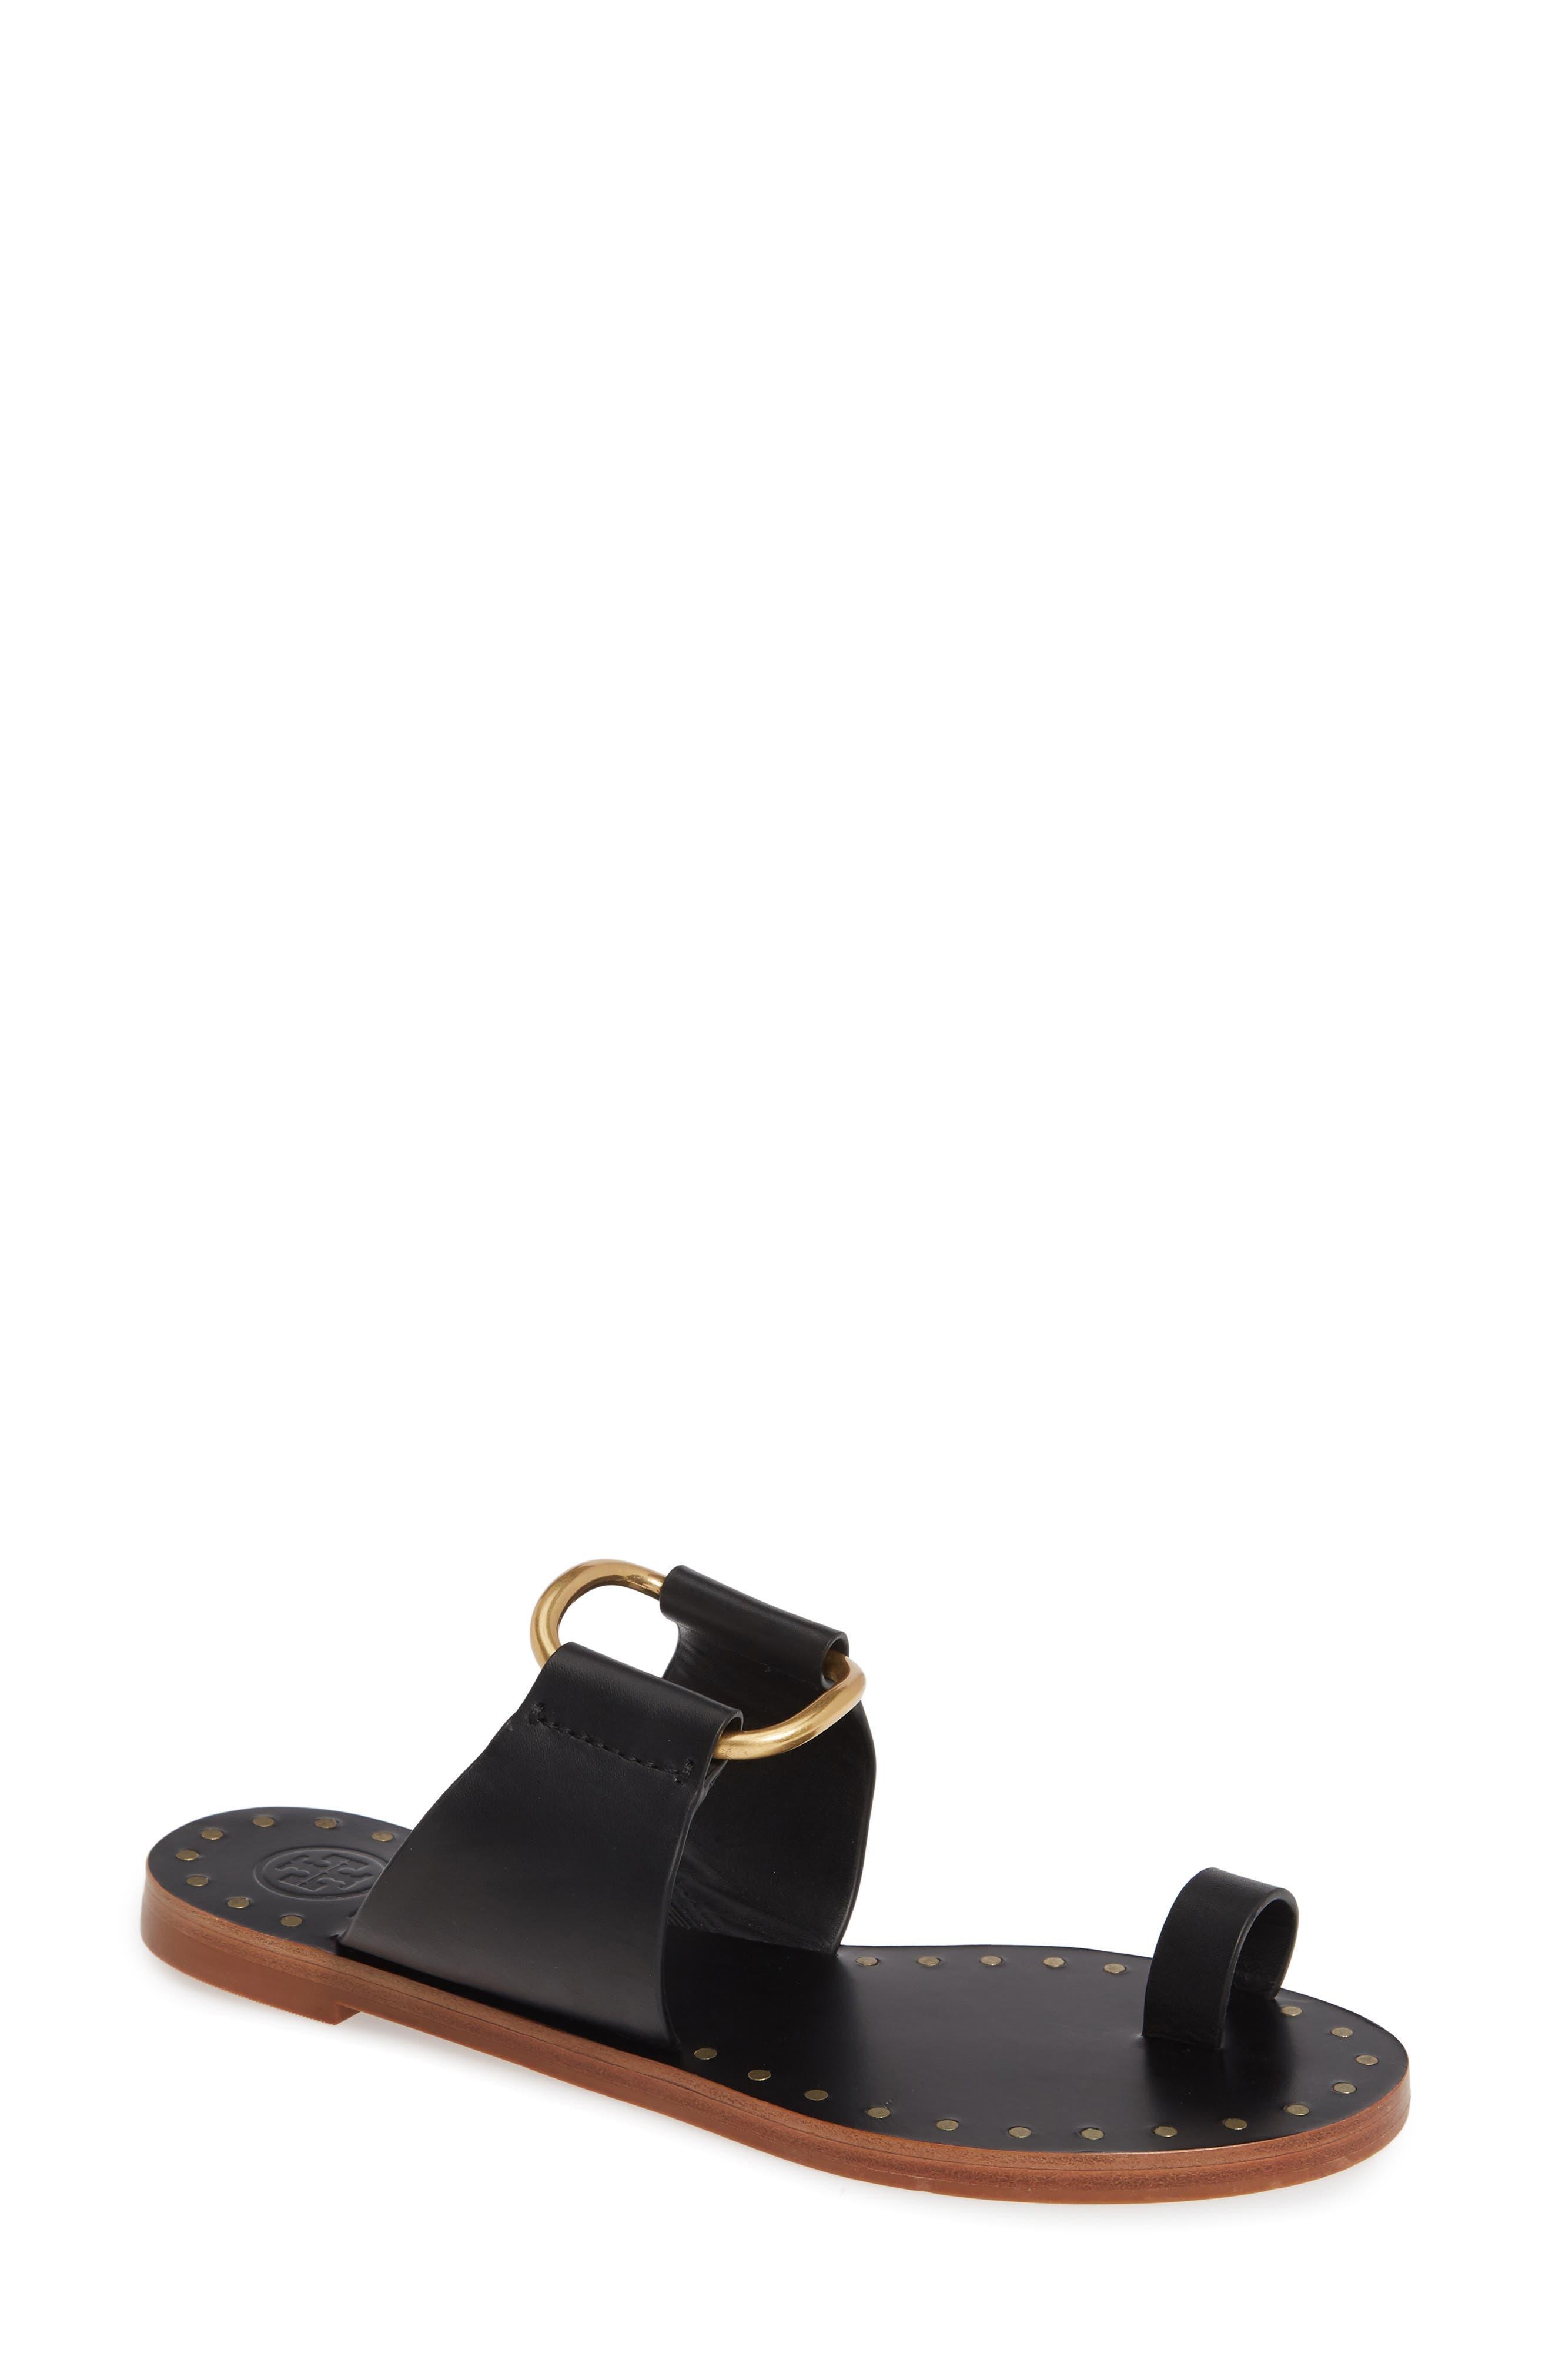 TORY BURCH, Ravello Toe Ring Sandal, Main thumbnail 1, color, PERFECT BLACK/ GOLD